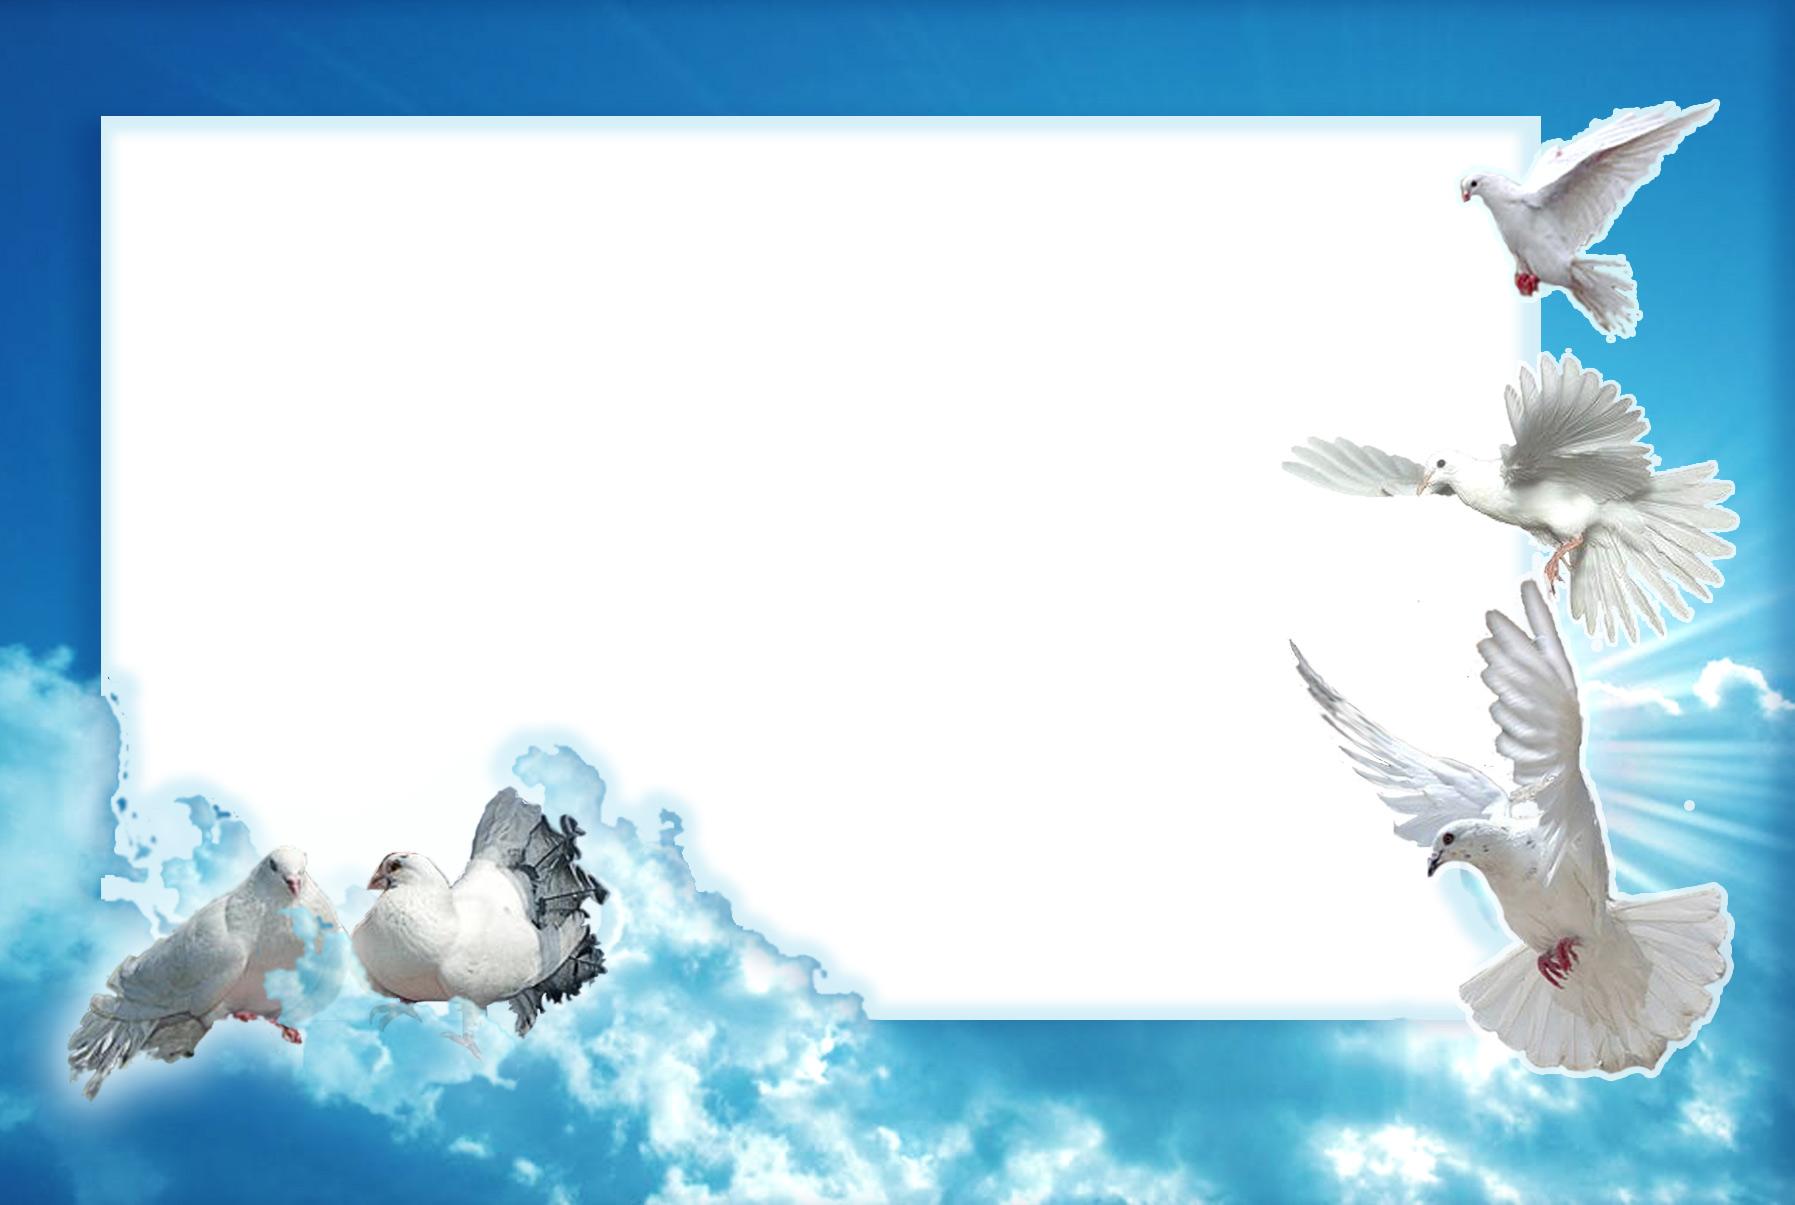 Фоторамки для сайта небо